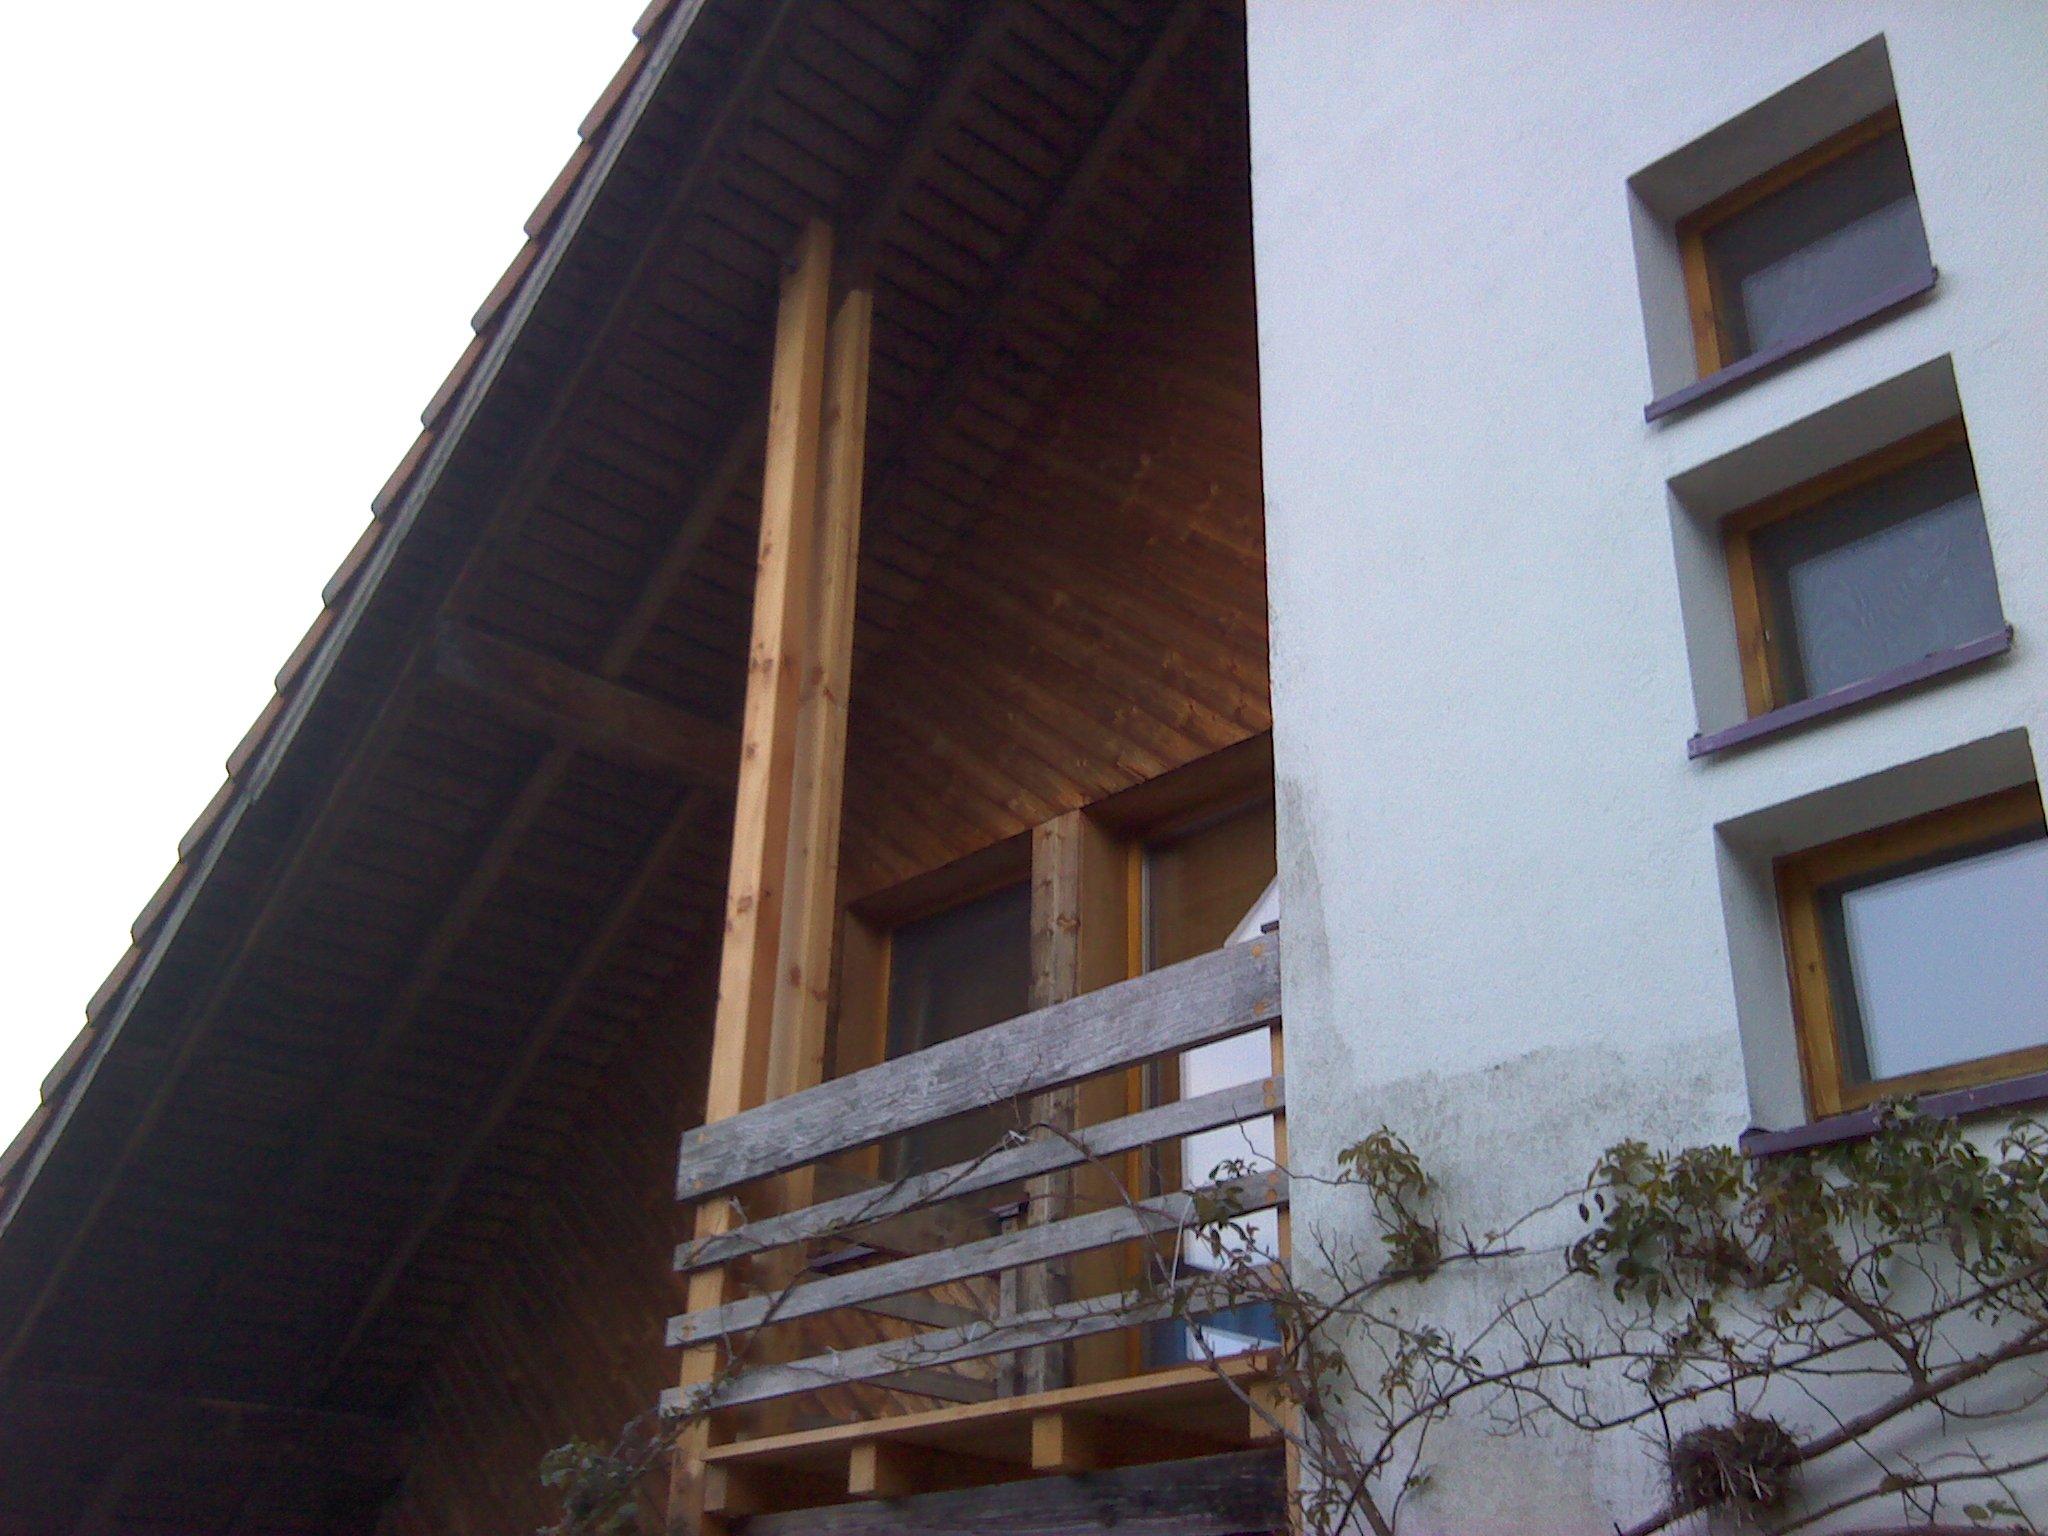 Zugluft, kalte Wände oder sogar Schimmel? – BAUR Holzbau AG